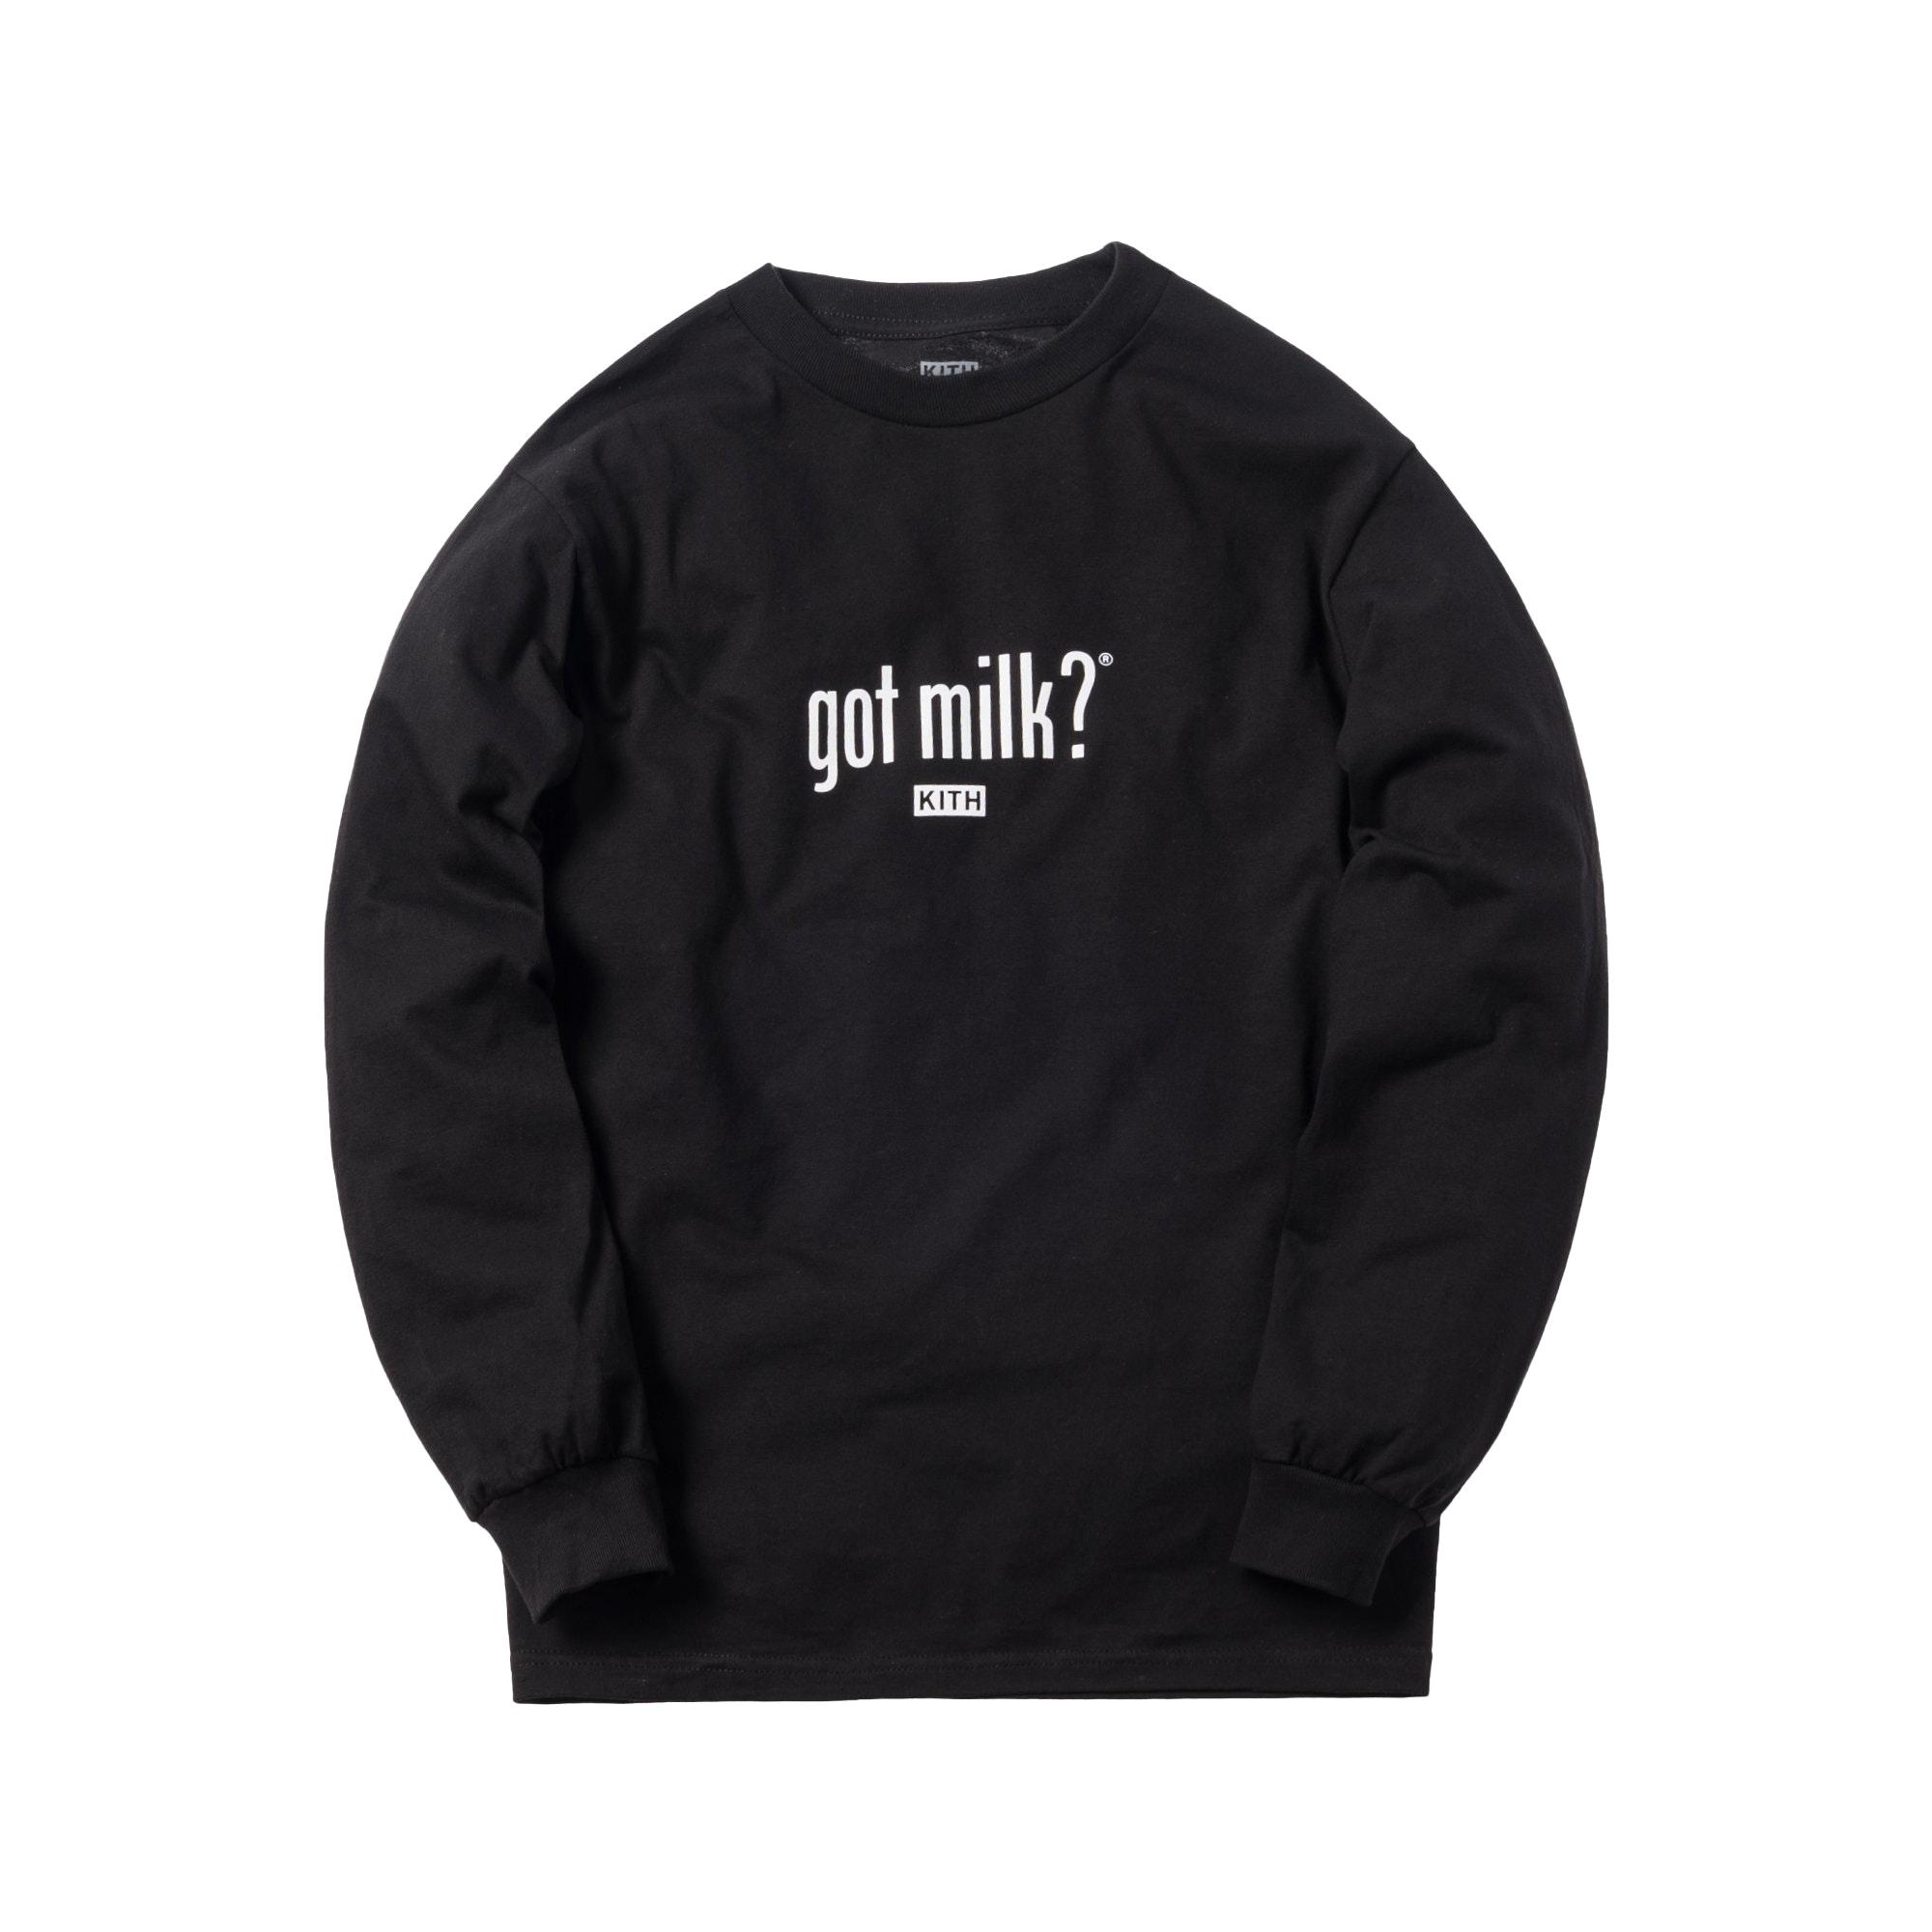 Kith Treats x Got Milk L/S Tee Black